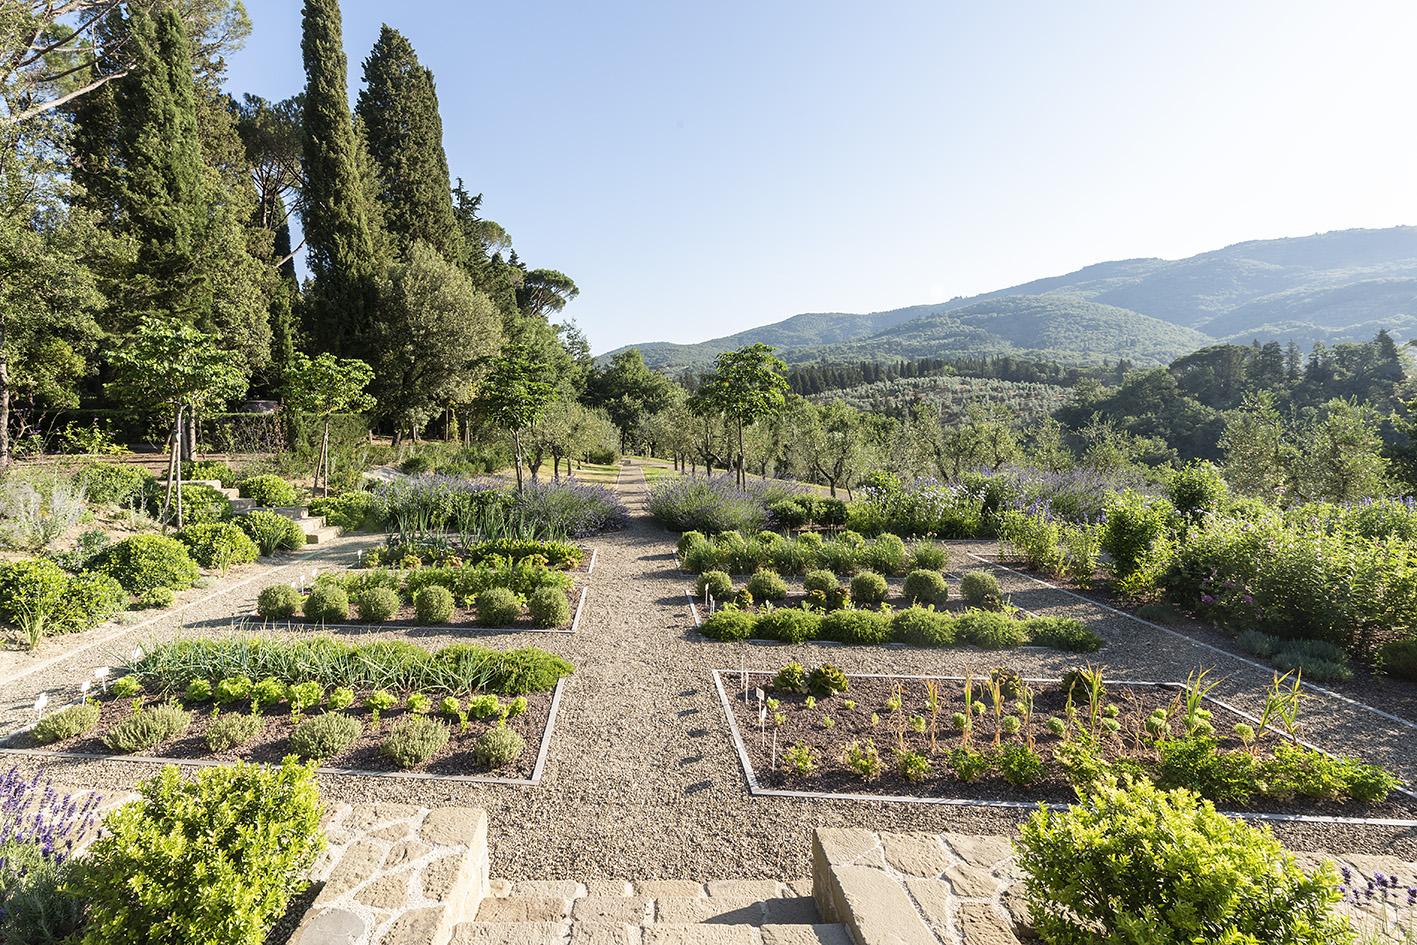 L'orto come un giardino